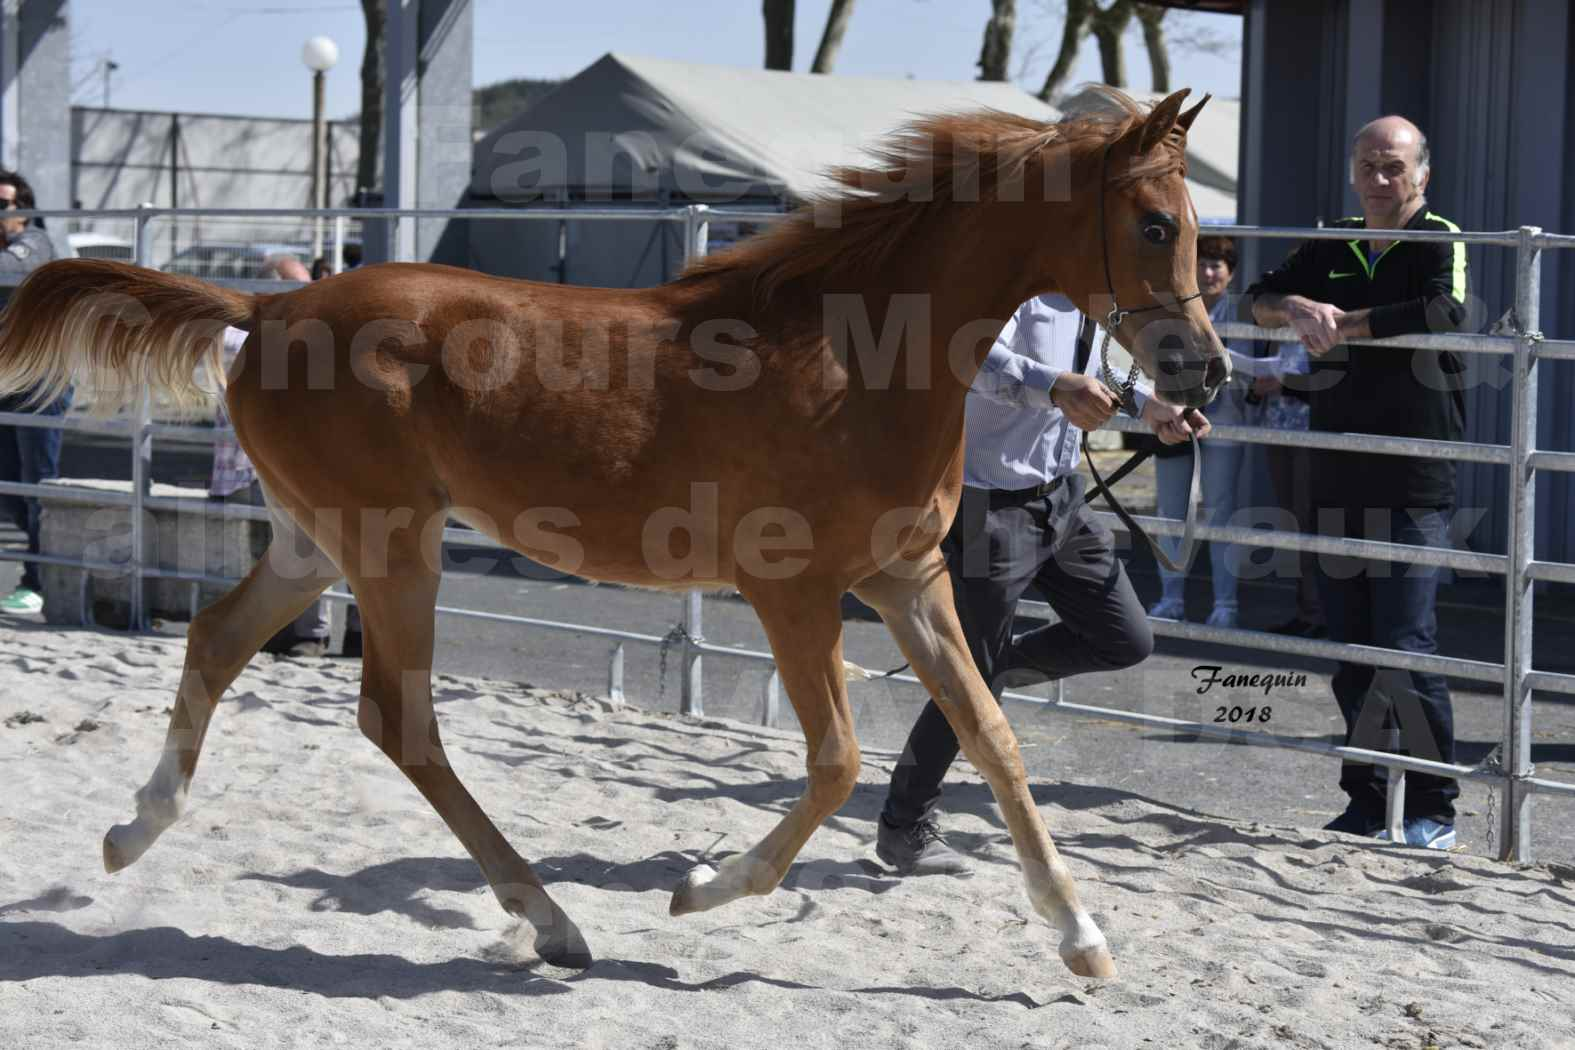 Concours d'élevage de Chevaux Arabes - D S A - A A - ALBI les 6 & 7 Avril 2018 - MARCUS DE LAFON - Notre Sélection - 1